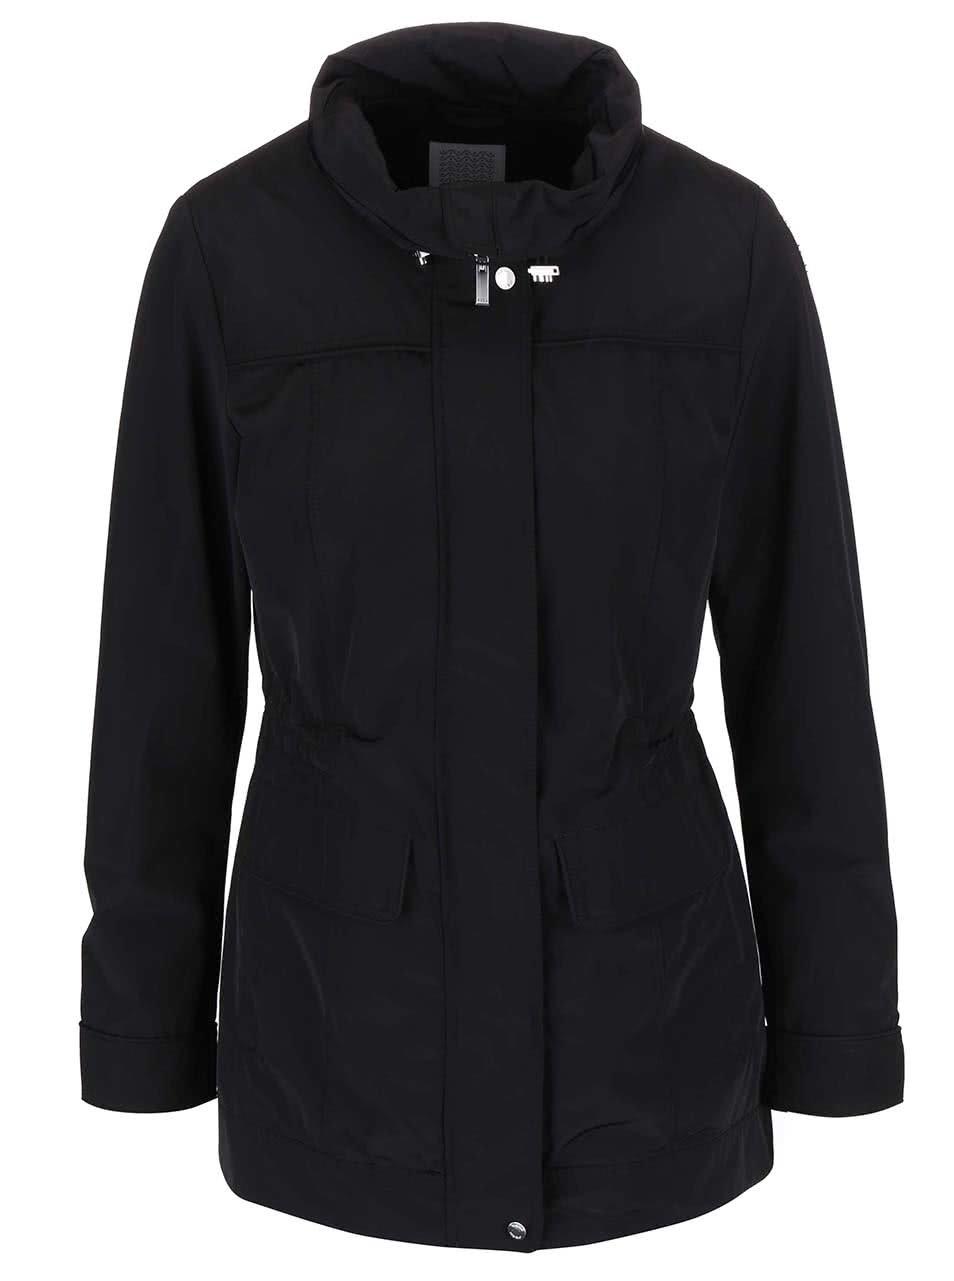 Černý dámský stahovací kabát Geox